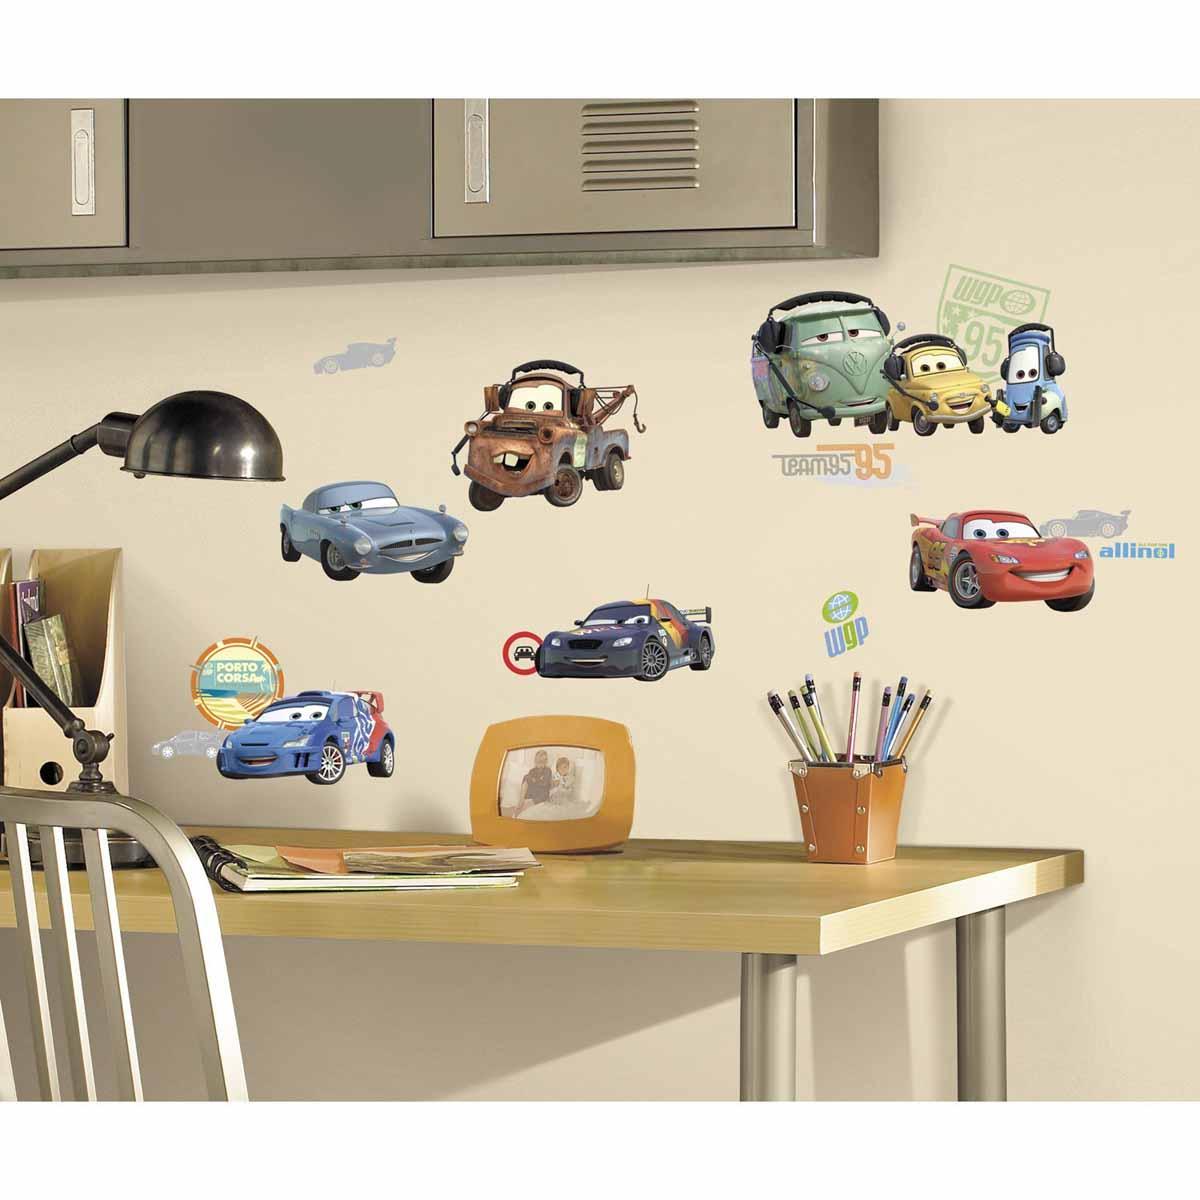 RoomMates Наклейка интерьерная Тачки 26 шт -  Детская комната